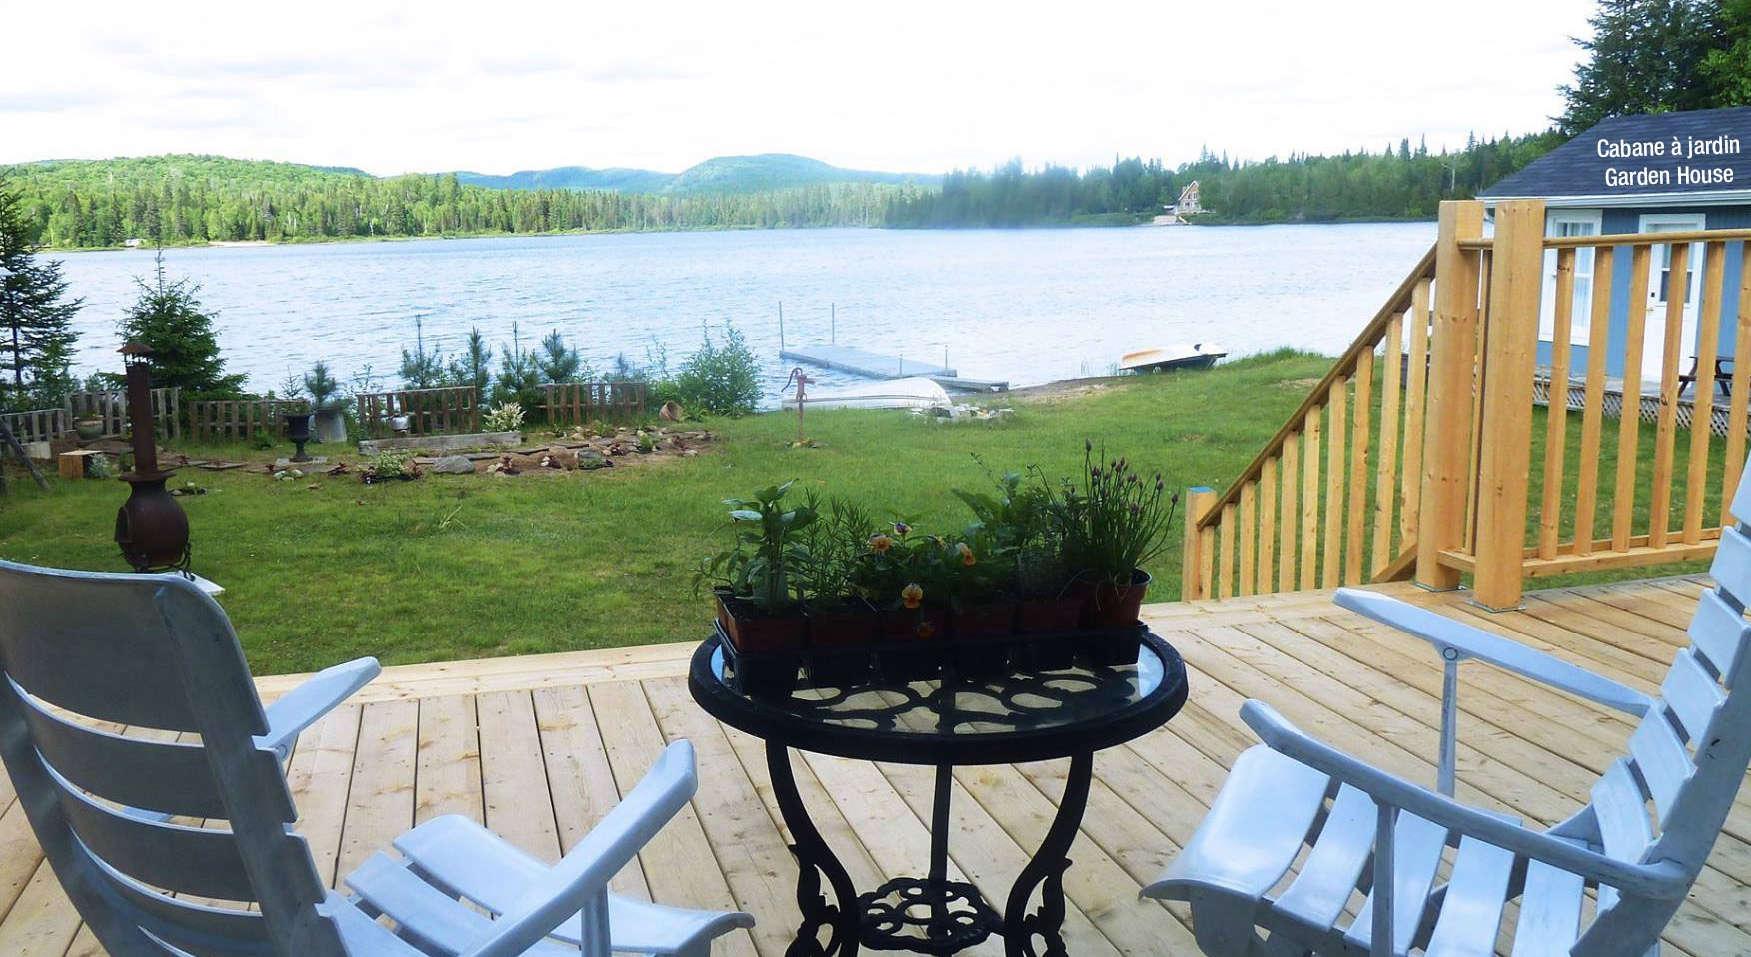 Chalet à louer au Québec   face au lac   4 saisons Le Cocooning L'Ascension   Véranda face au lac et cabane à jardin